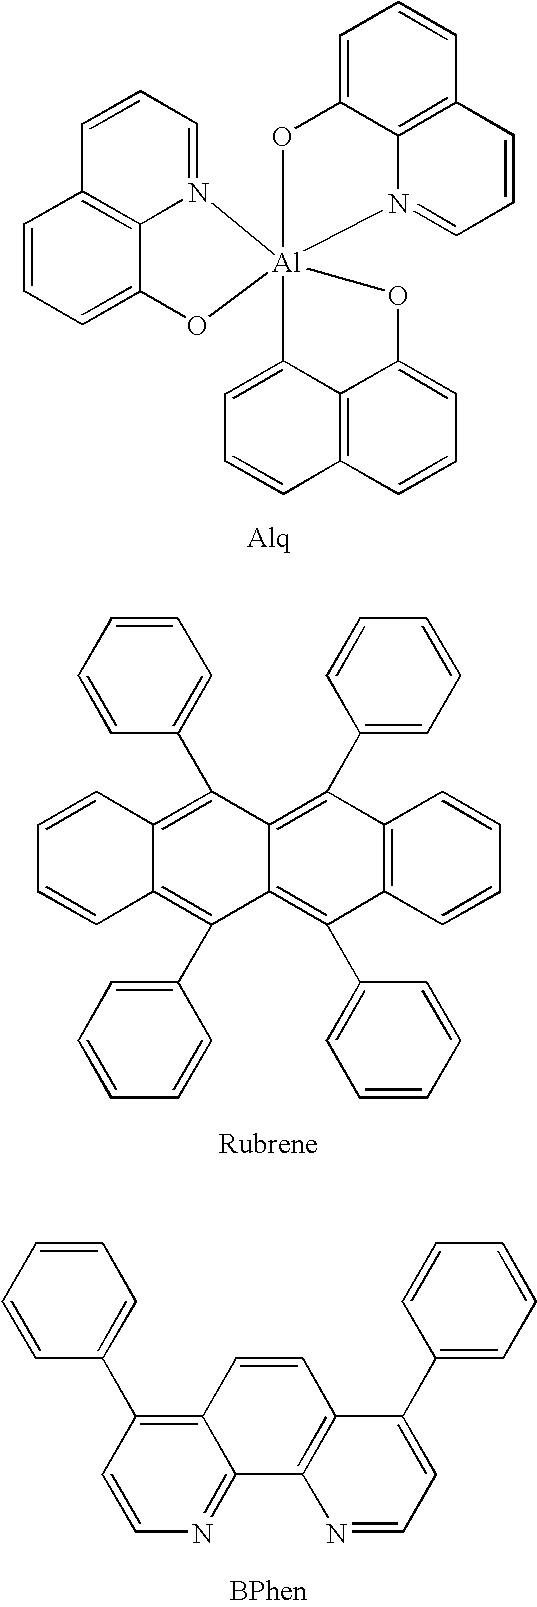 Figure US09397308-20160719-C00001